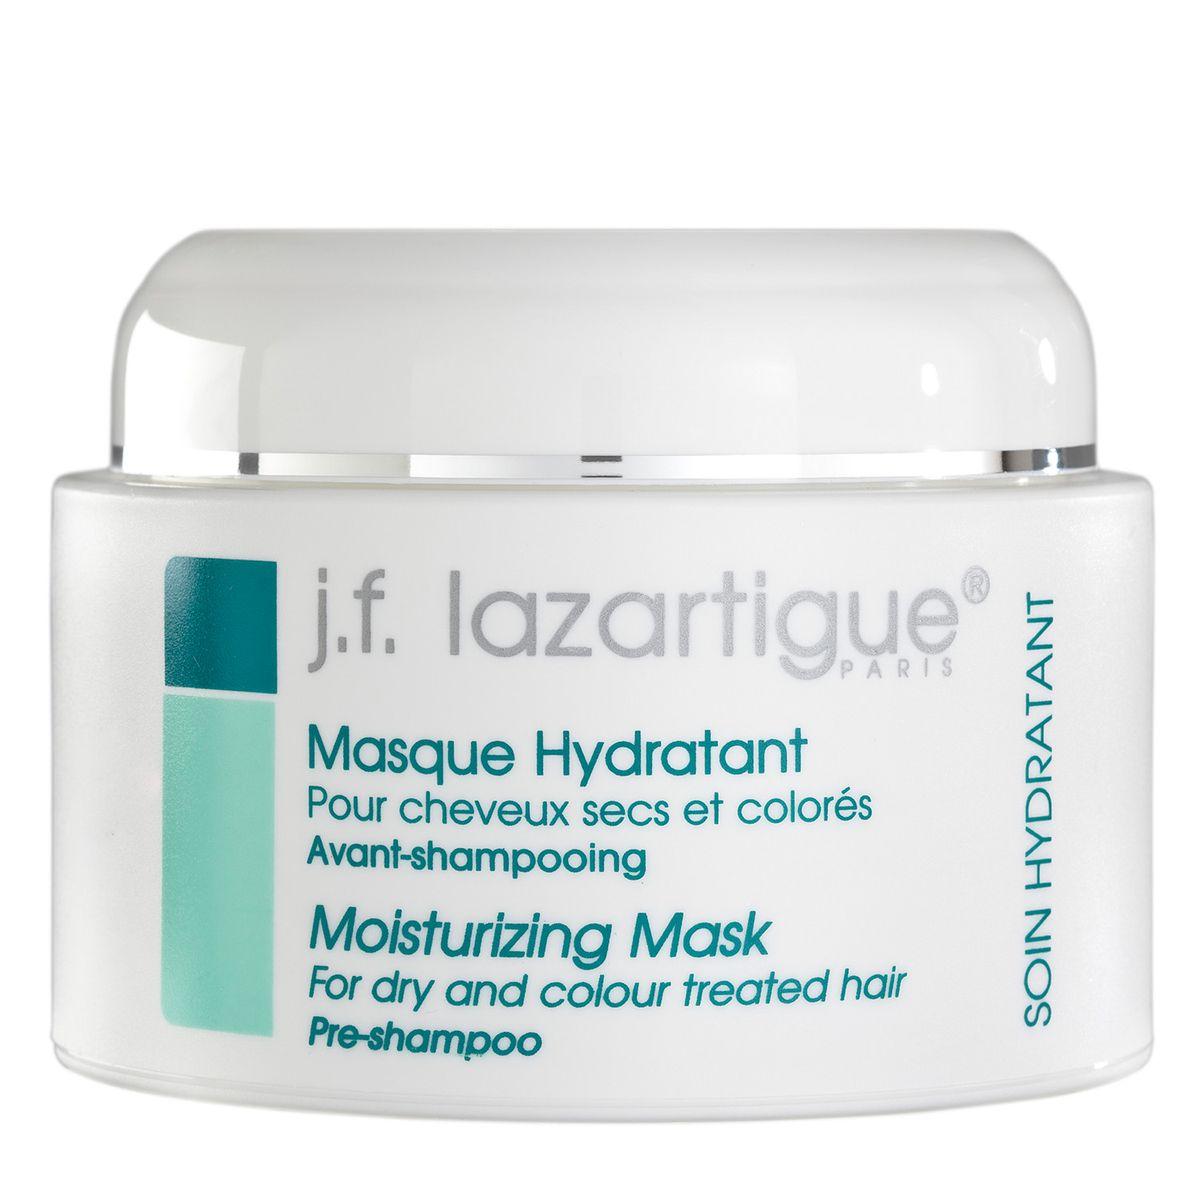 J.F.Lazartigue Увлажняющая маска 250 мл01115Маска ухаживает за волосами и кожей головы, восстанавливает поврежденные структуры, увлажняет, защищает, оказывает стимулирующее действие. Обеспечивает освежающий эффект в течение всего дня, предотвращает спутывание волос, снимает их наэлектризованность, восстанавливает блеск. Волосы становятся более послушными и легче укладываются. Маска фиксирует и поддерживает действие красящего пигмента. Цвет окрашенных волос становится ярче, они сияют обновленным блеском и остаются пышными.